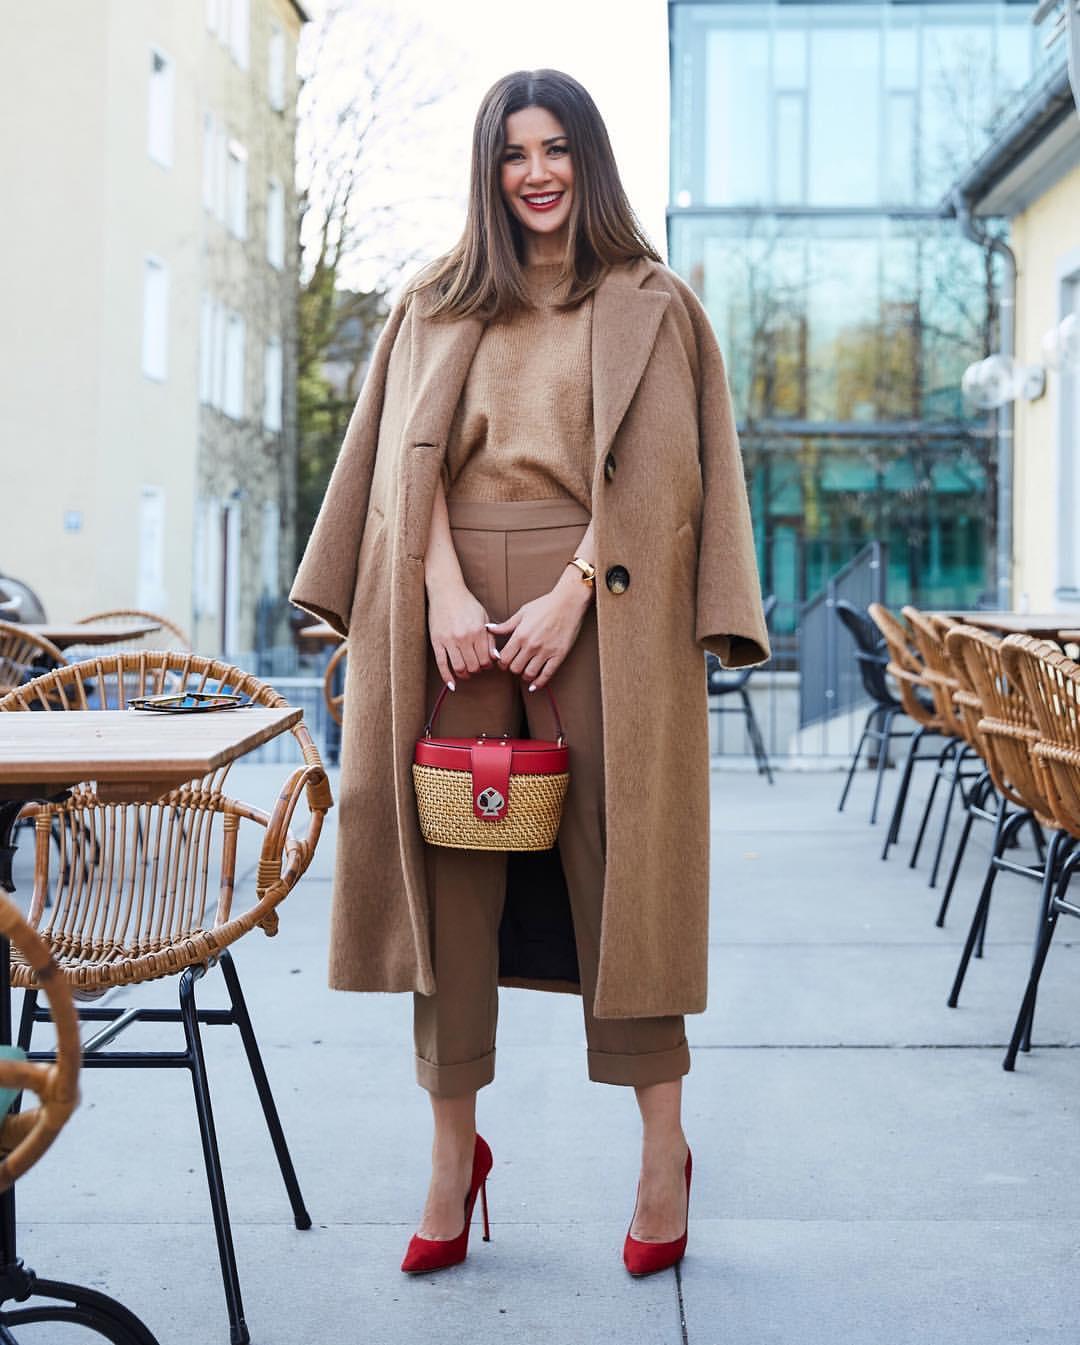 Цвет мокко в одежде: как и с чем носить наряды кофейных оттенков этой осенью фото 5